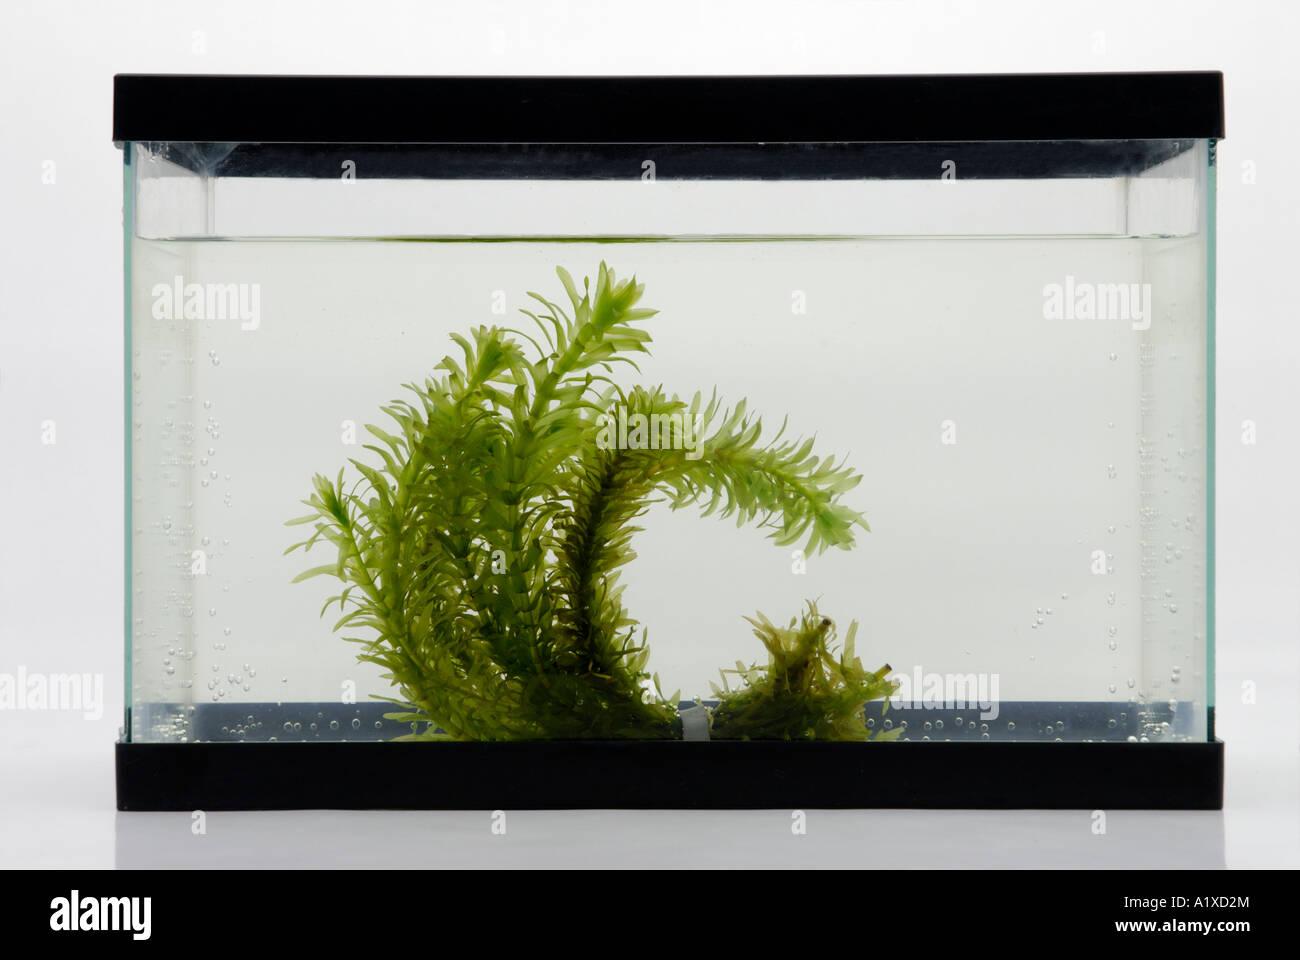 Les plantes aquatiques dans un aquarium tank Photo Stock